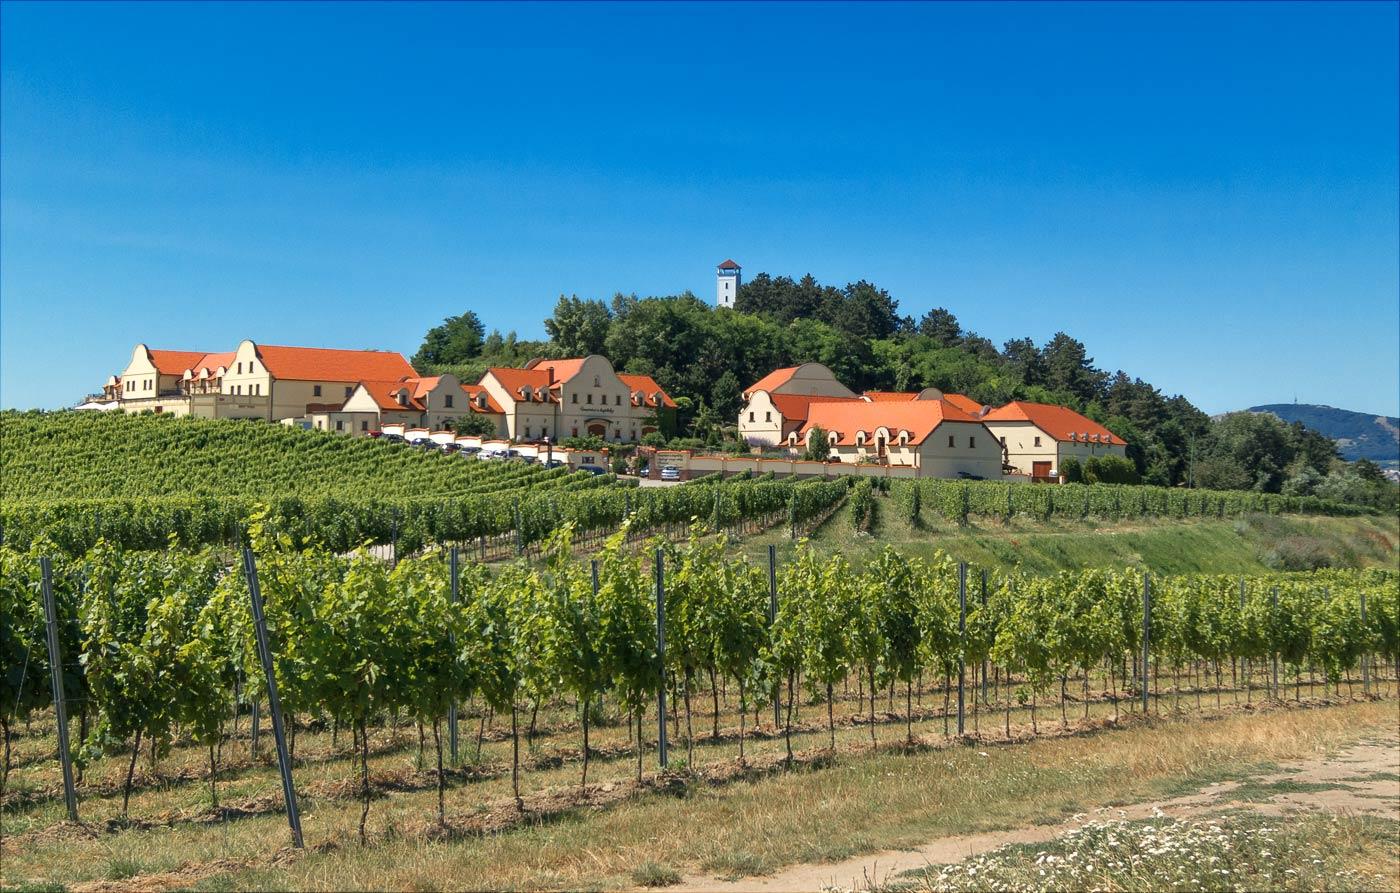 Отель и виноградарство